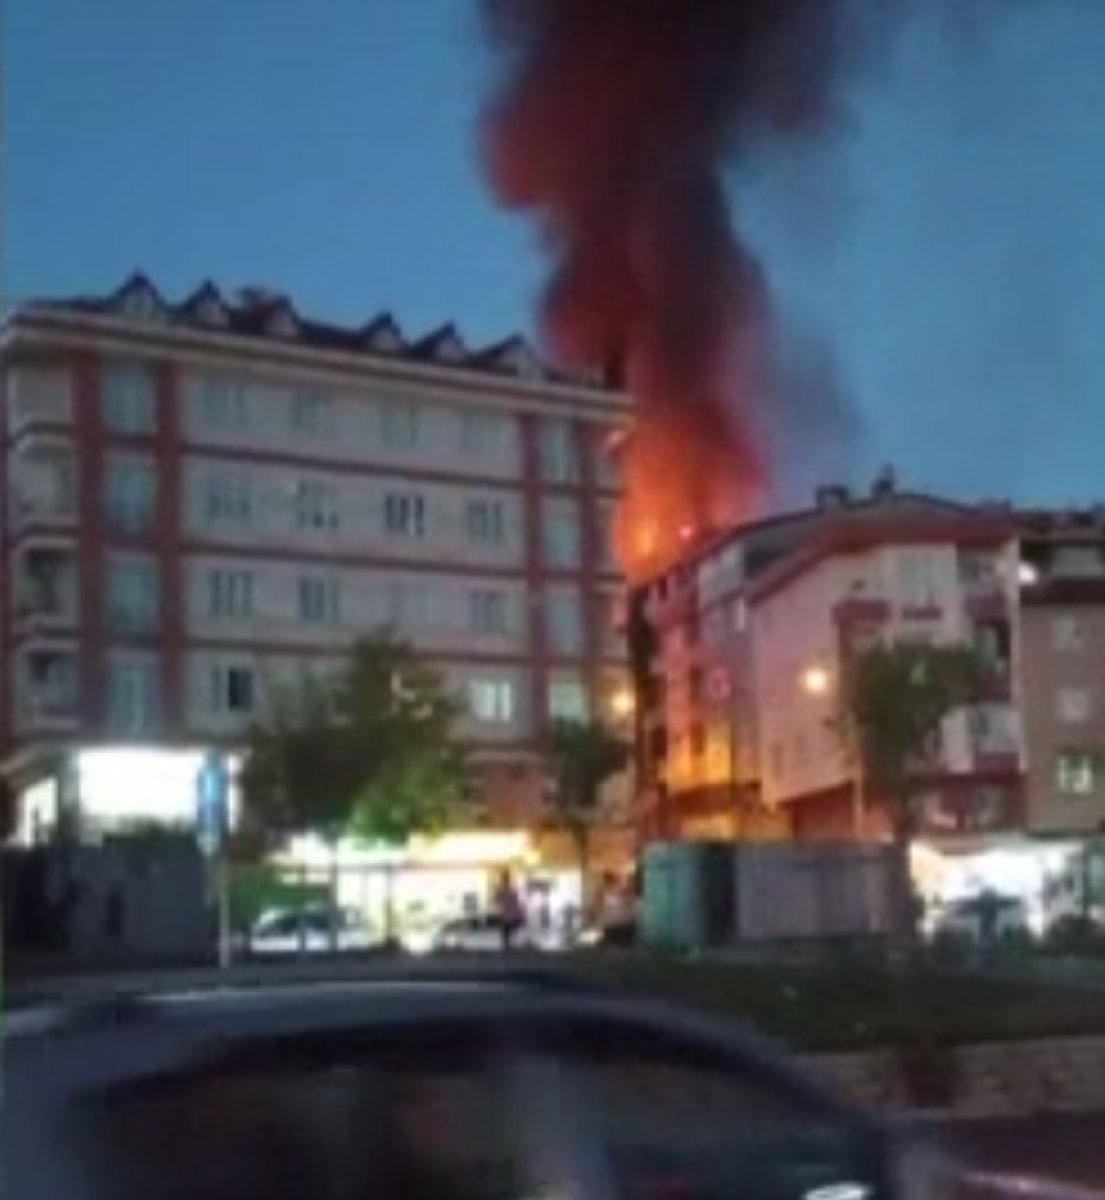 İstanbul da bir gecekonduda yangın çıktı #1